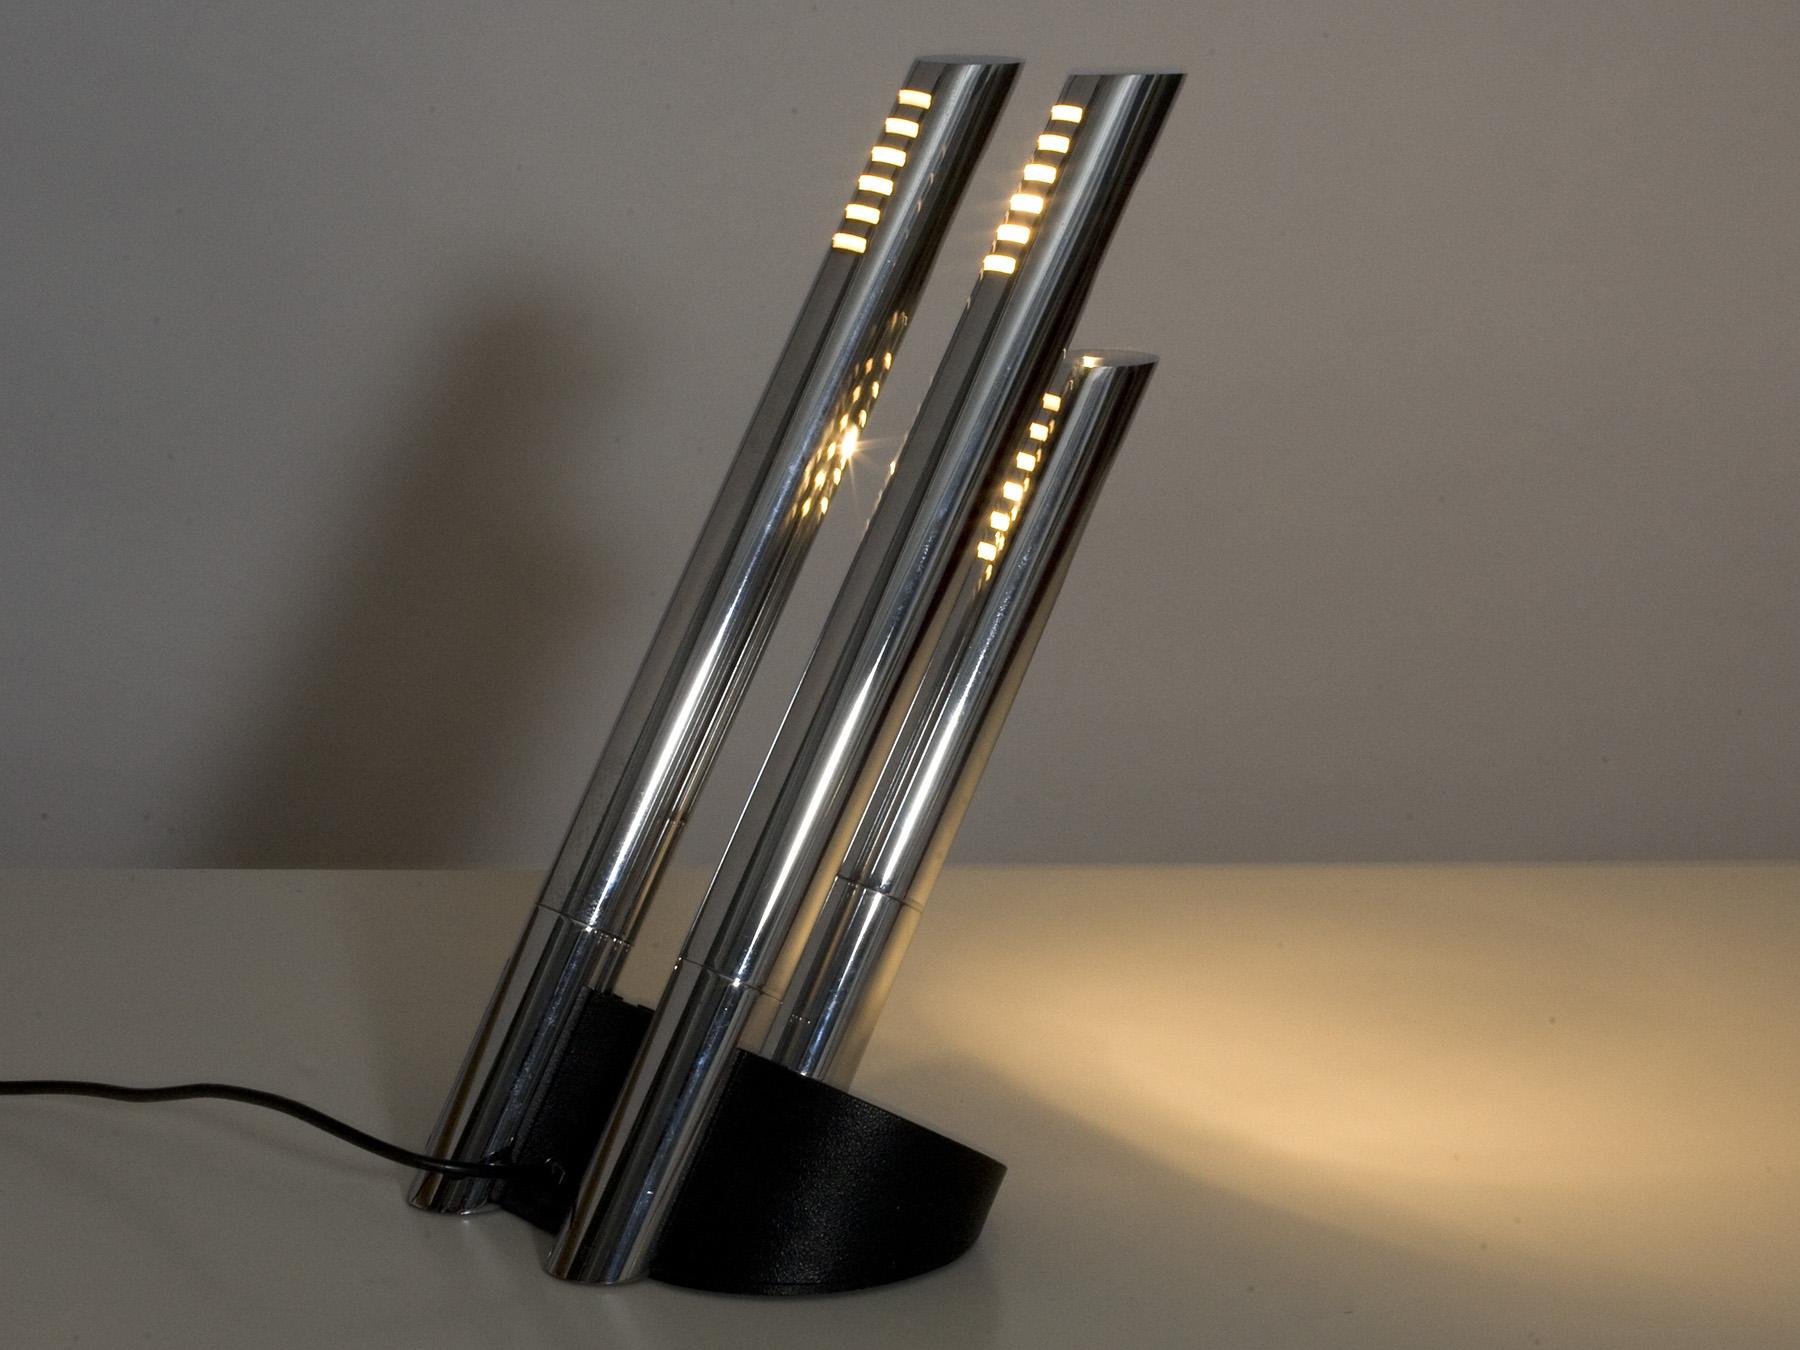 lampe-de-table-presidente-de-mario-faggian-image-03